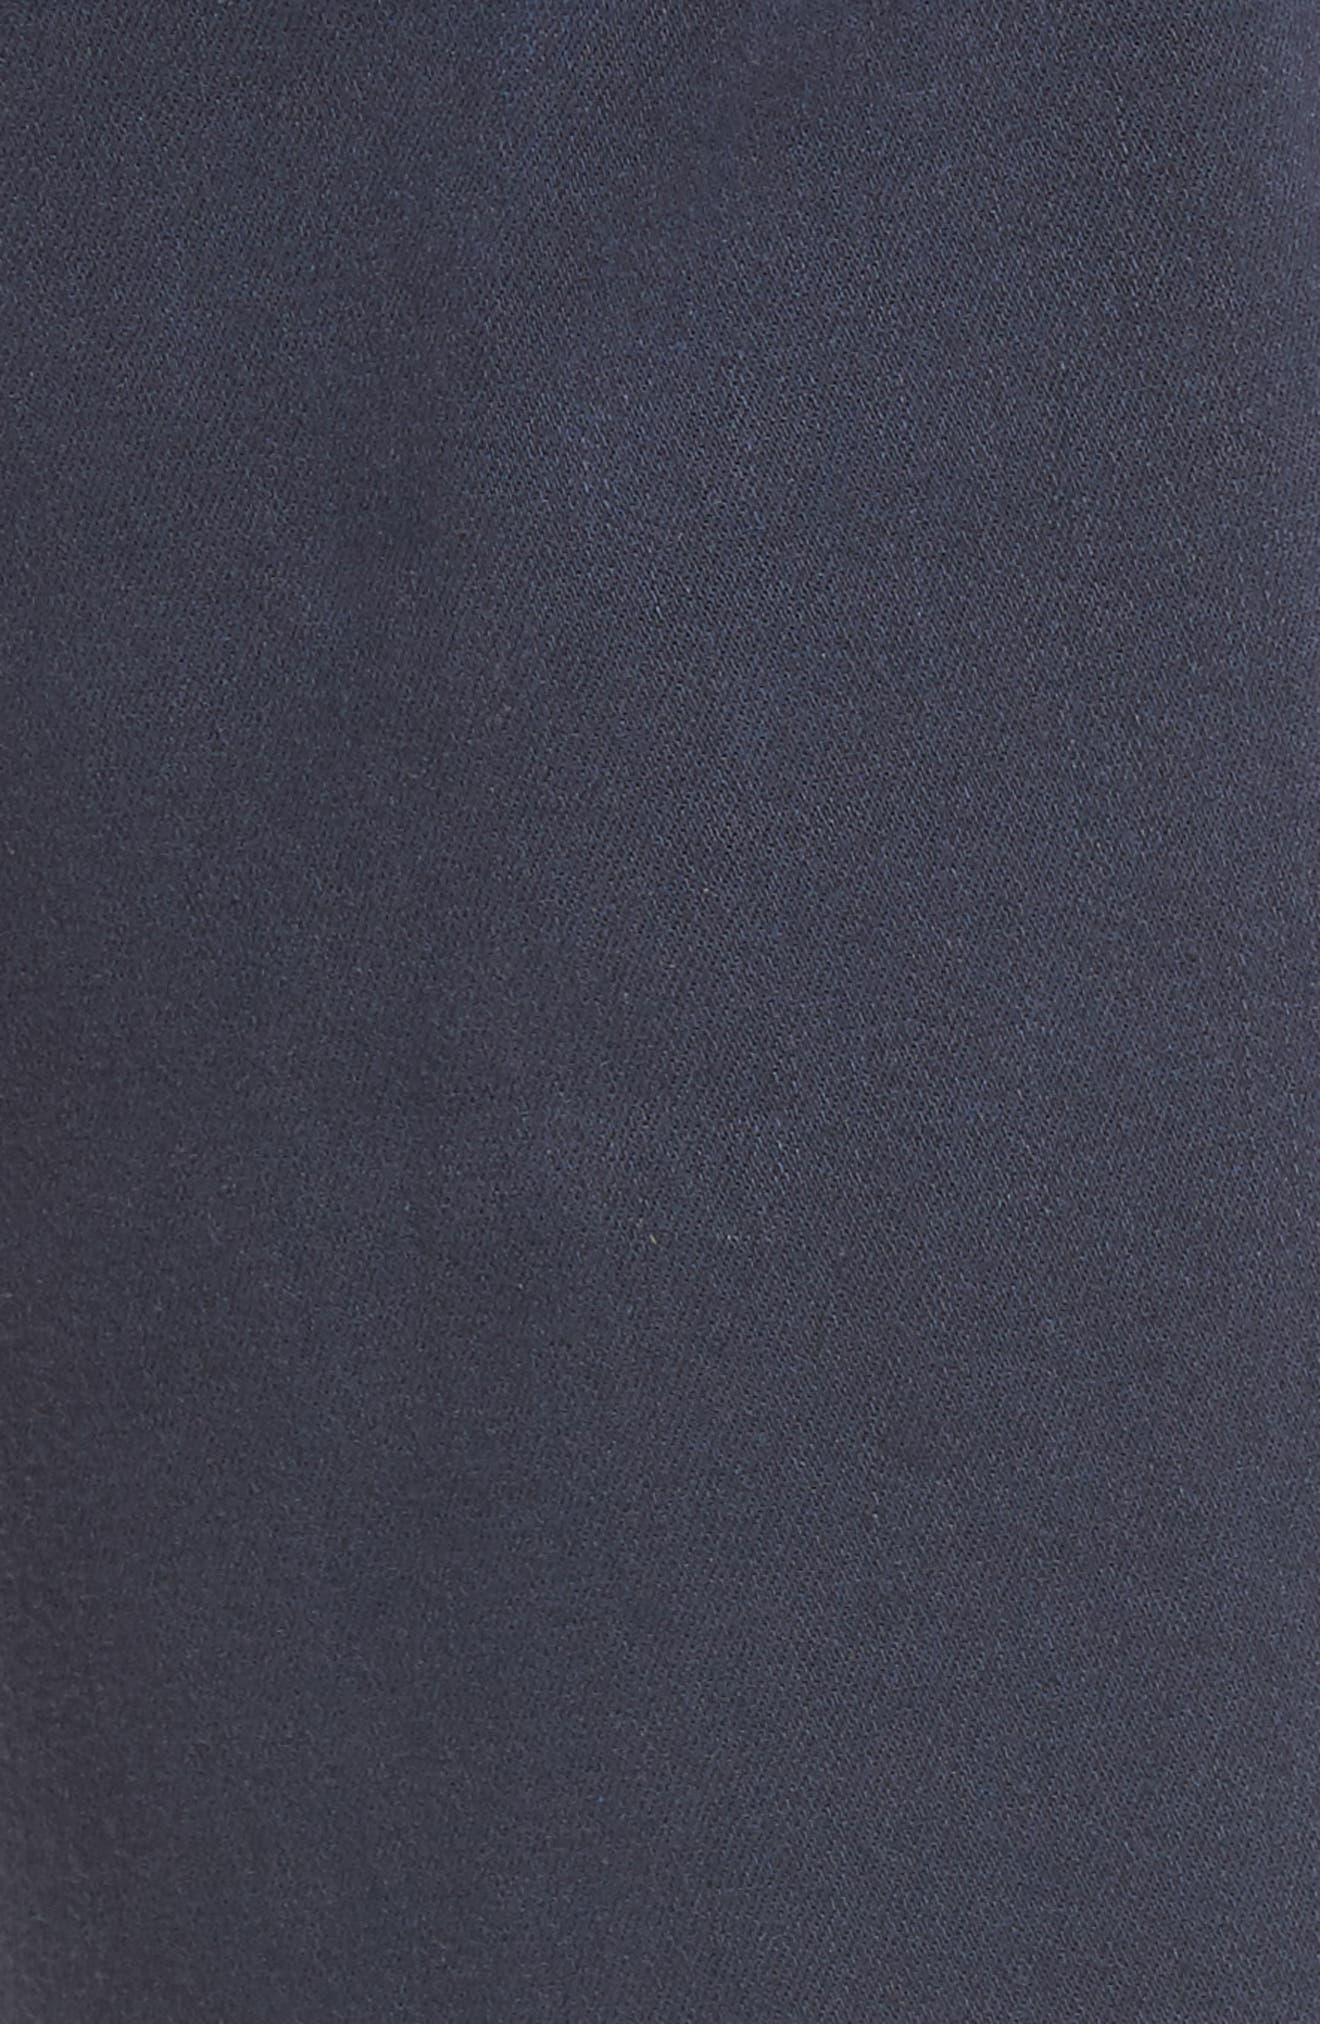 Alternate Image 5  - PAIGE Transcend - Federal Slim Straight Leg Jeans (Vintage Deep Sea)